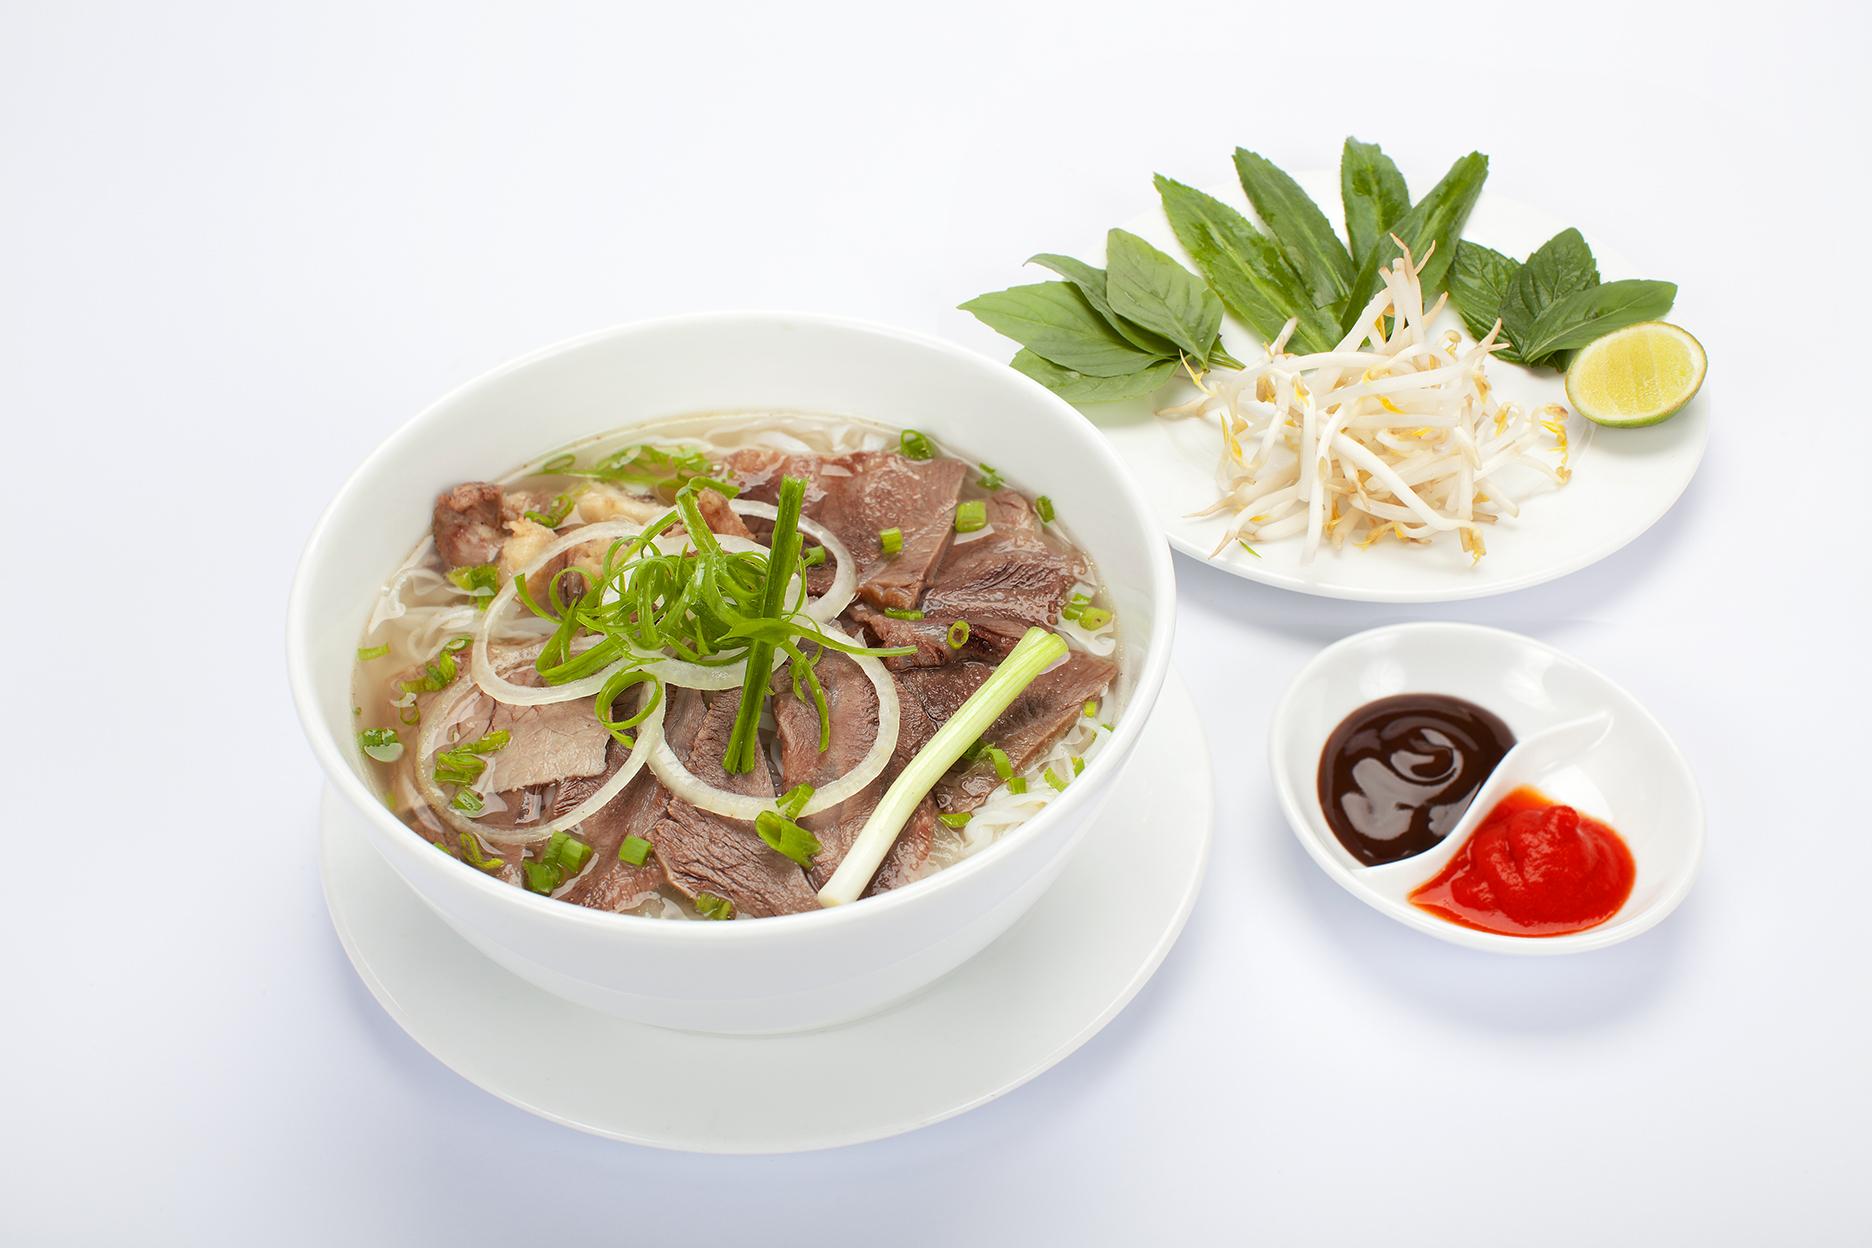 Hà Nội lọt Top 17 thiên đường ẩm thực nổi tiếng thế giới